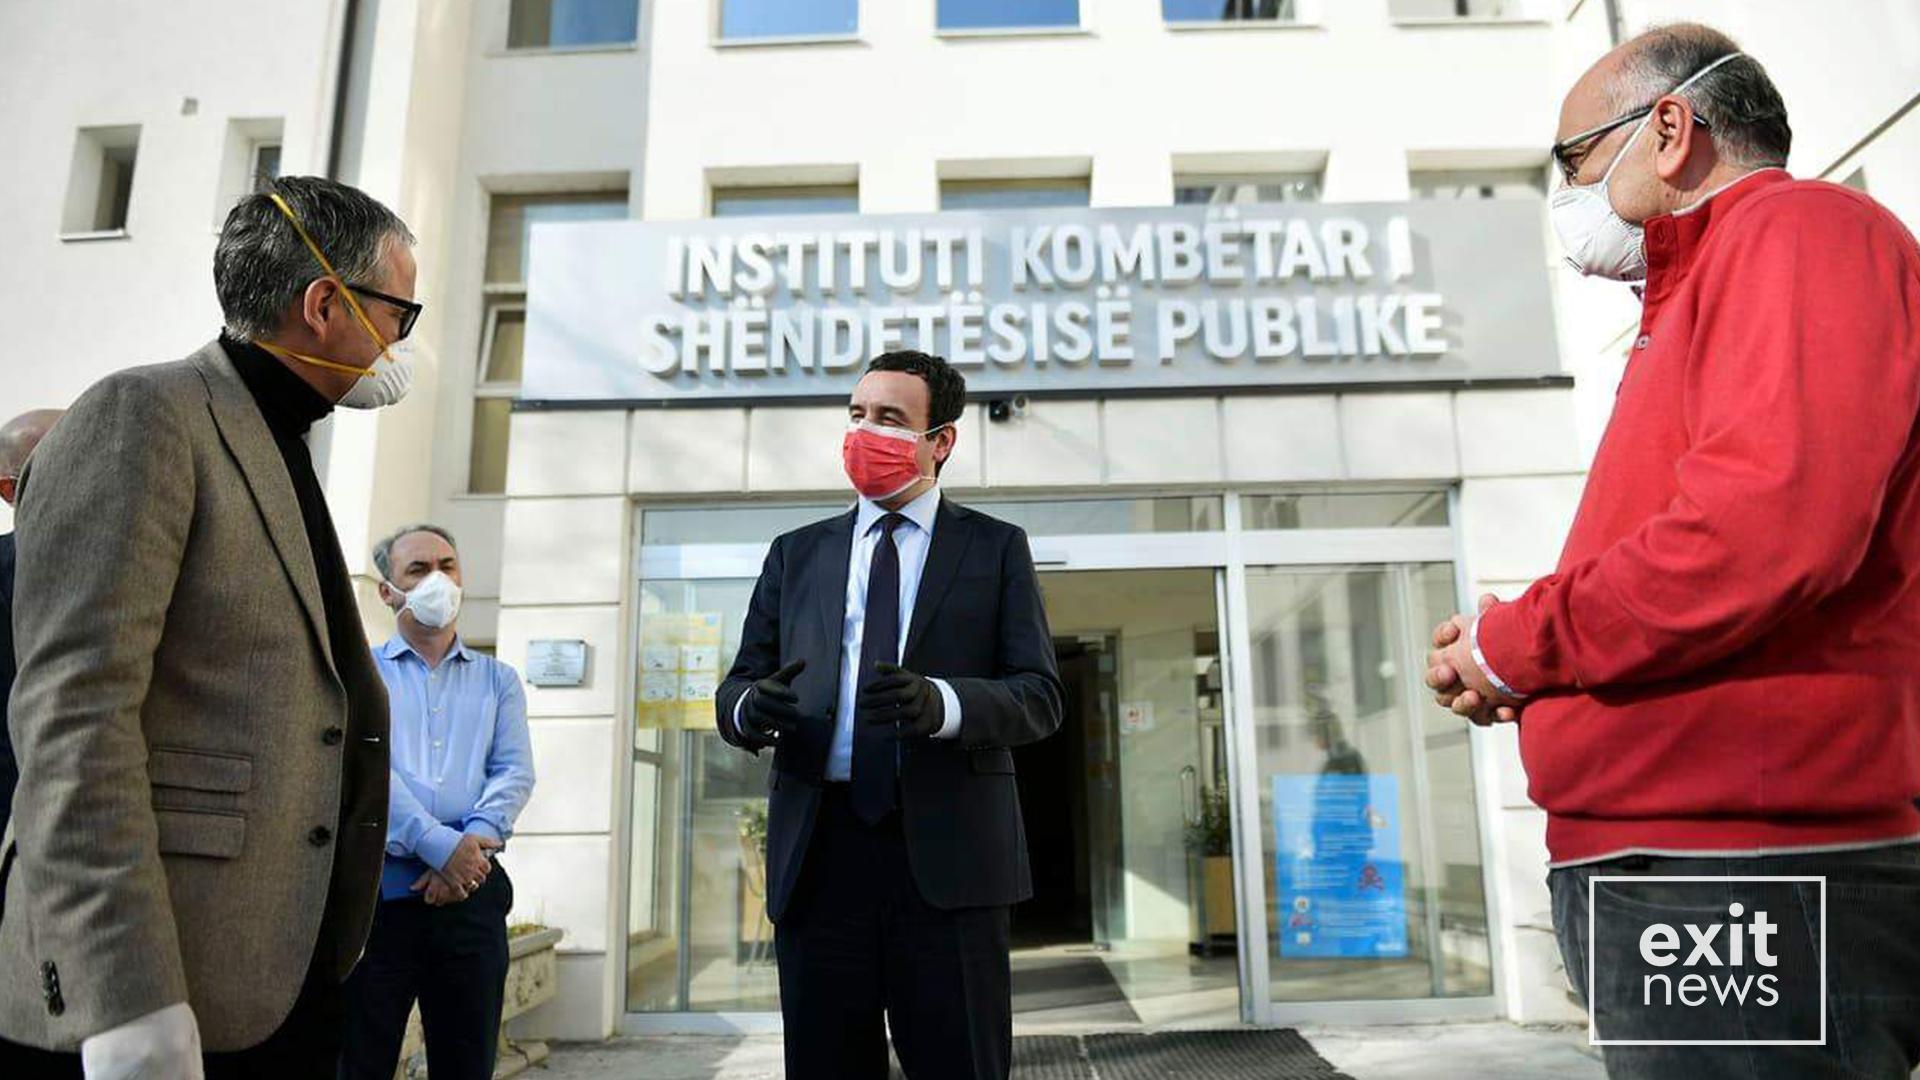 Paketa e ndihmës ekonomikë në Kosovë – si do të ndahen mes qytetarëve e bizneseve 180 milionë euro?